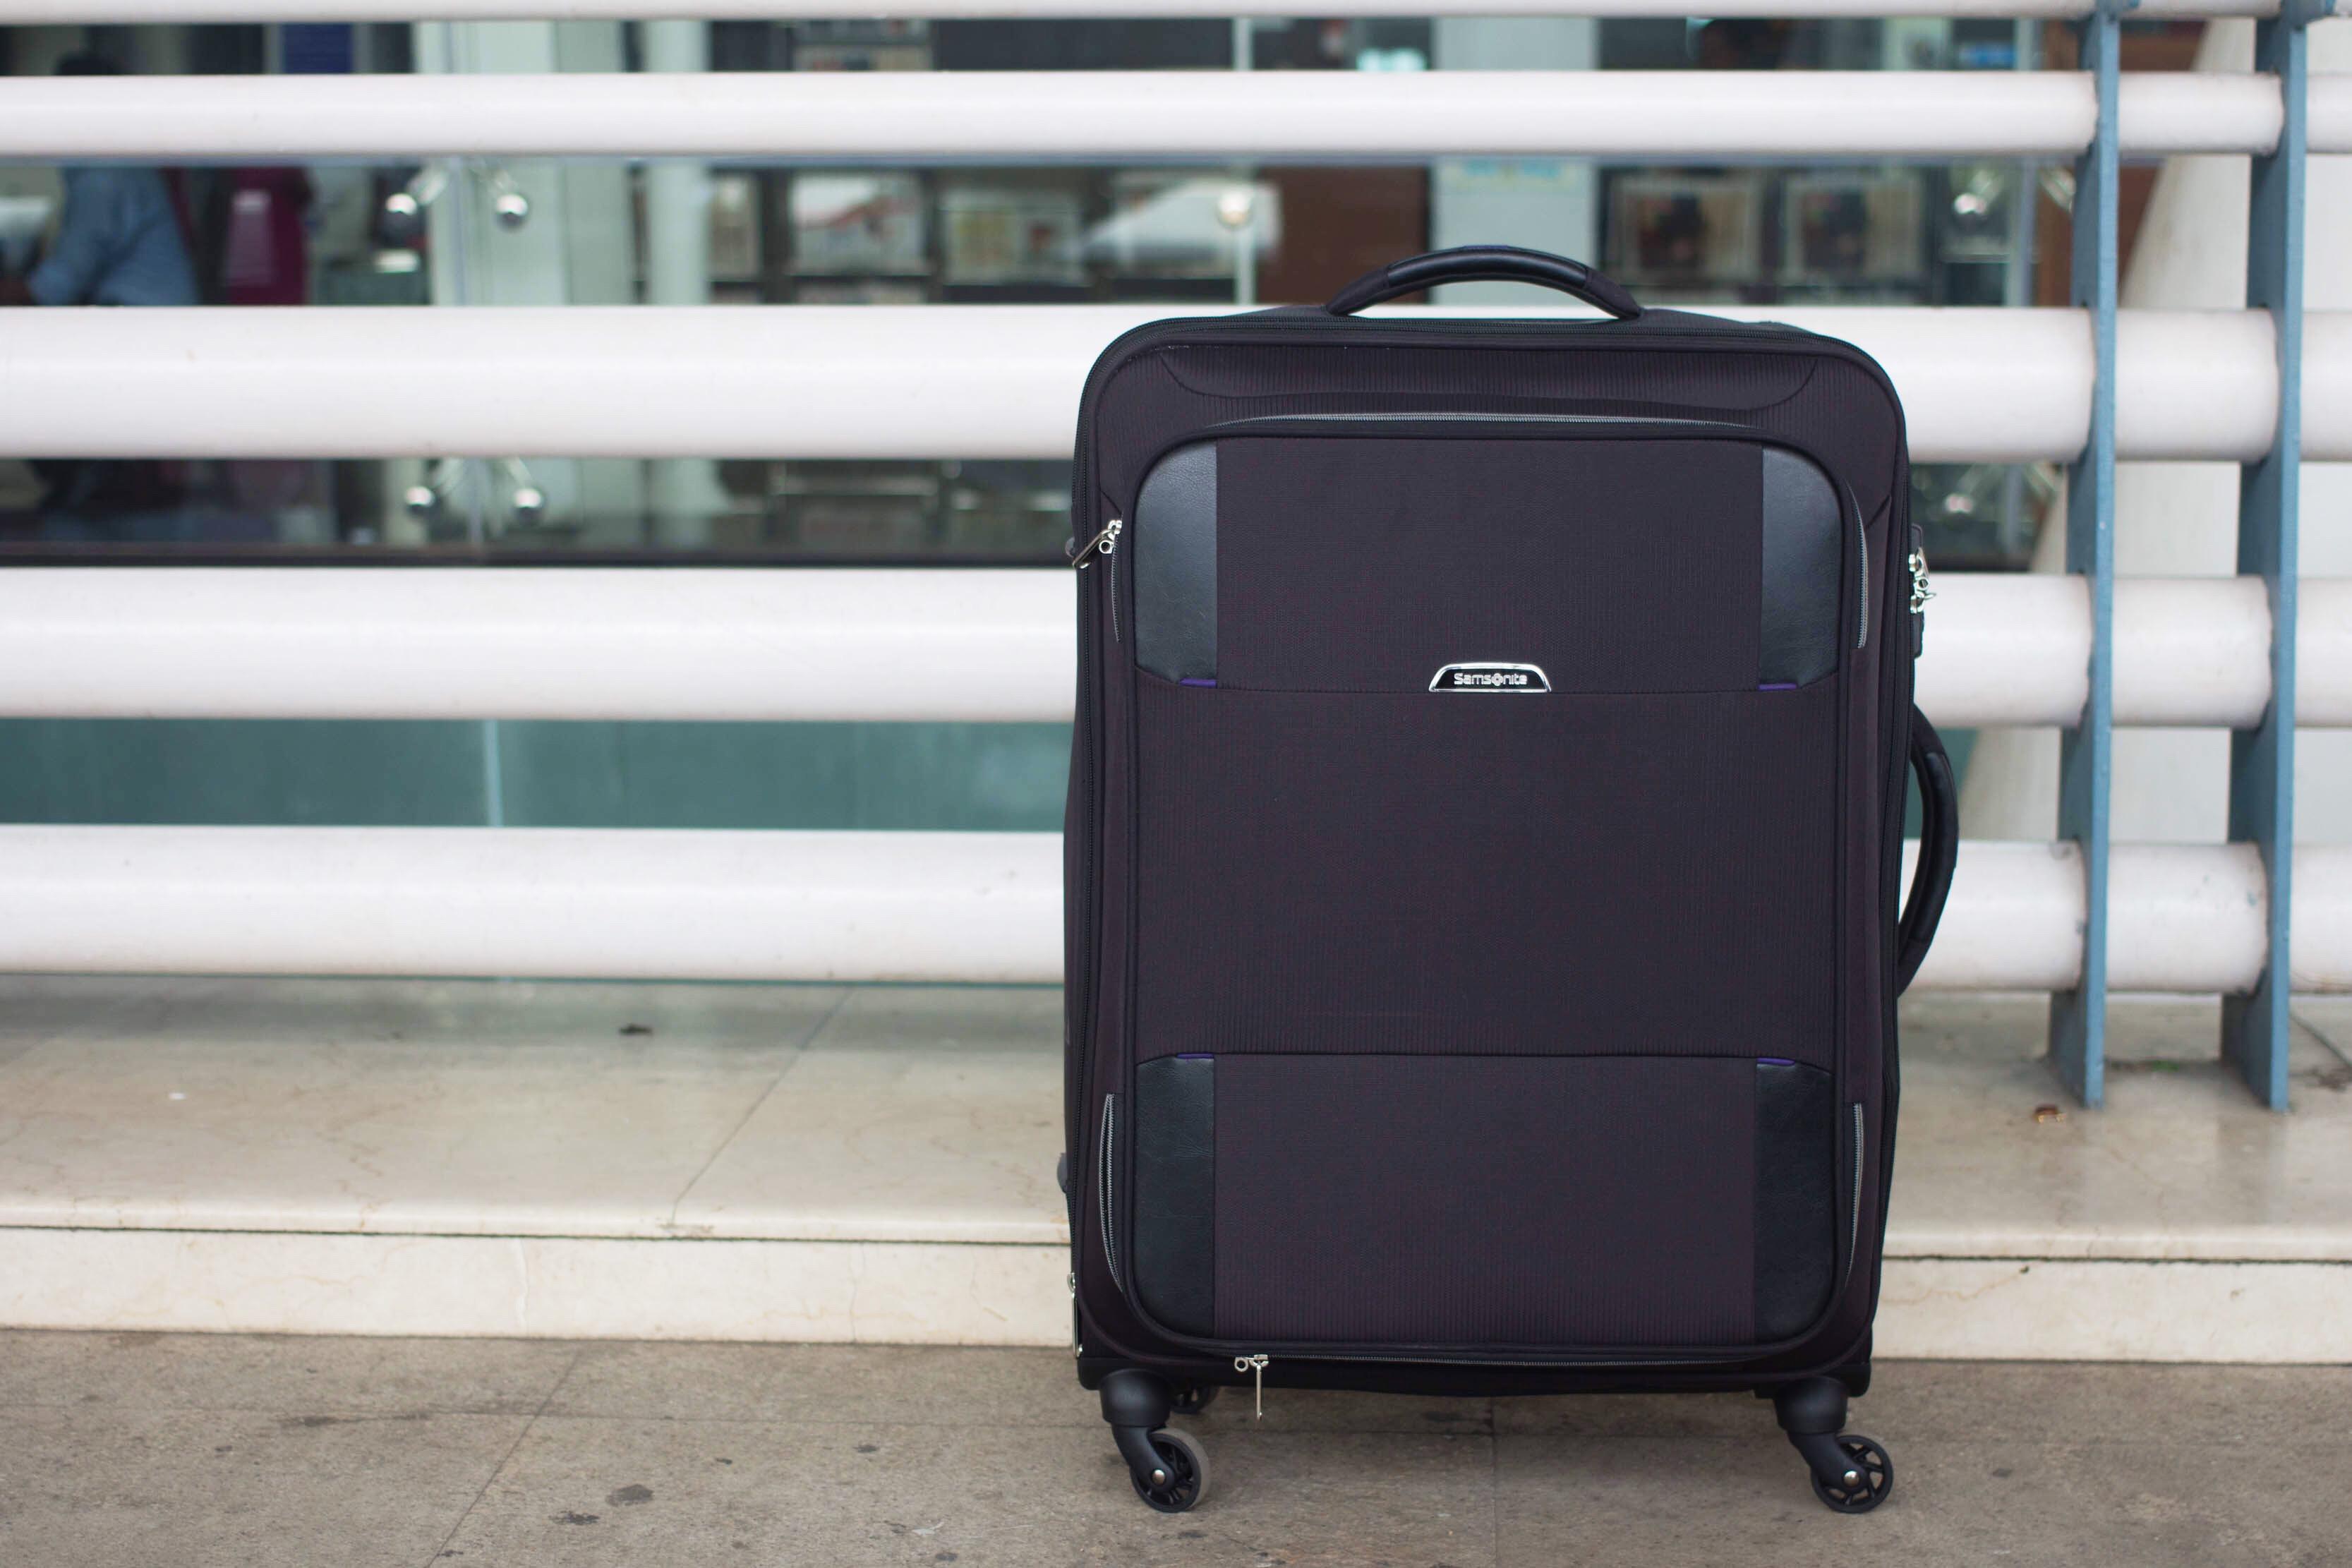 Samsonite Vox Suitcase